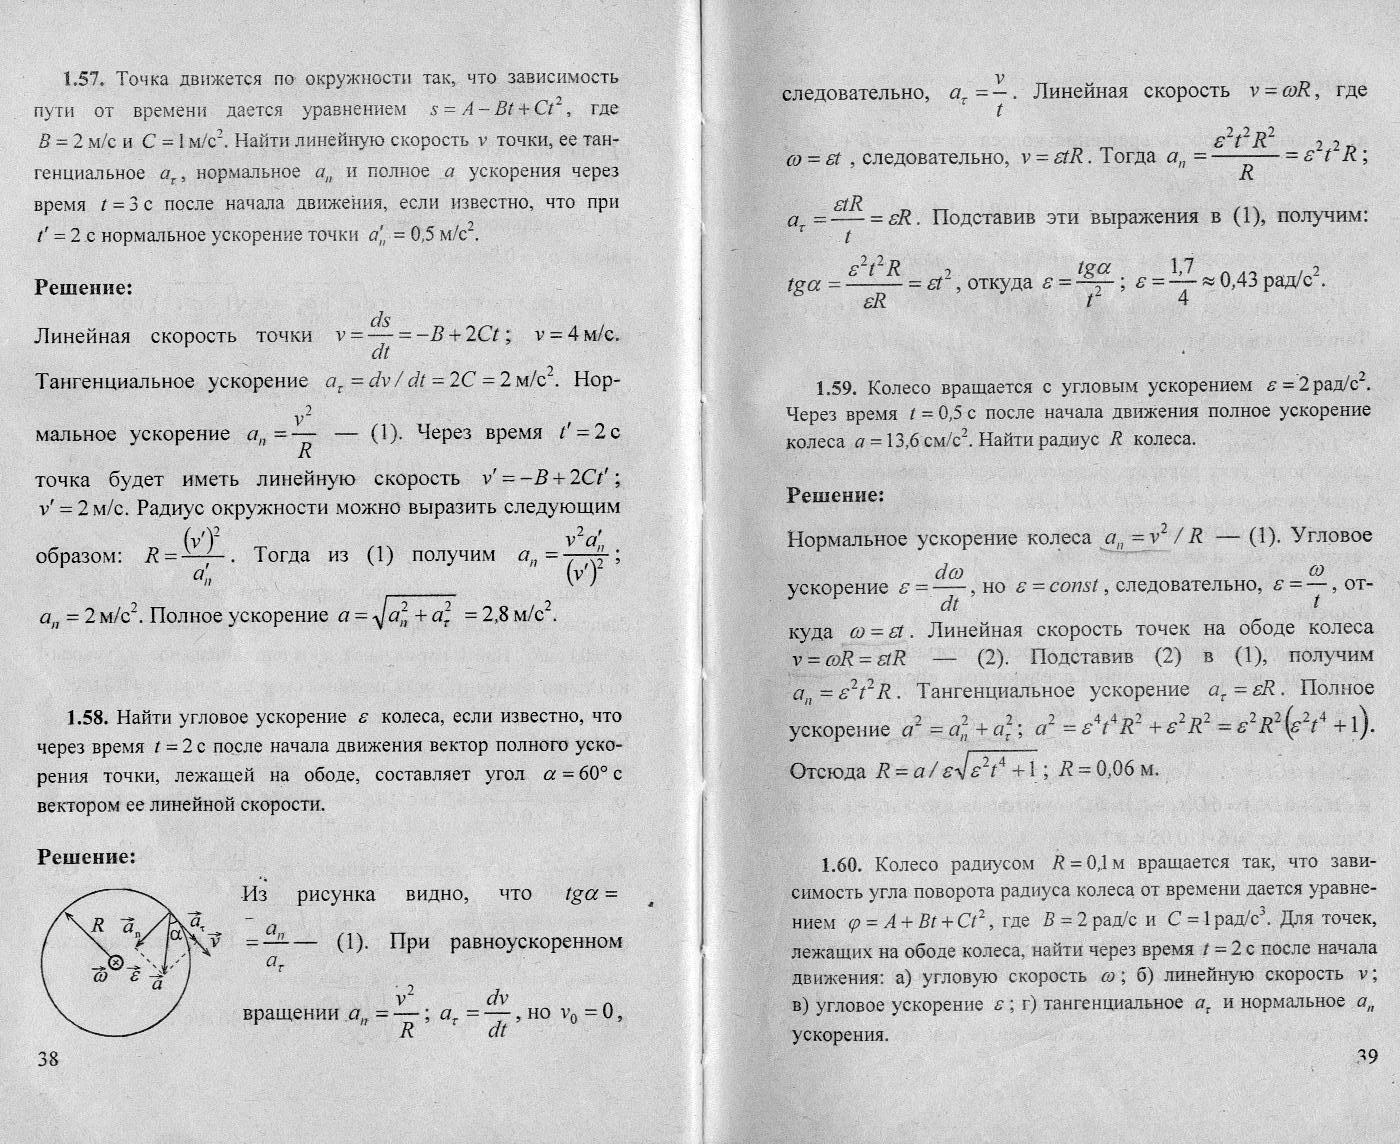 Задачник волькенштейн скачать pdf